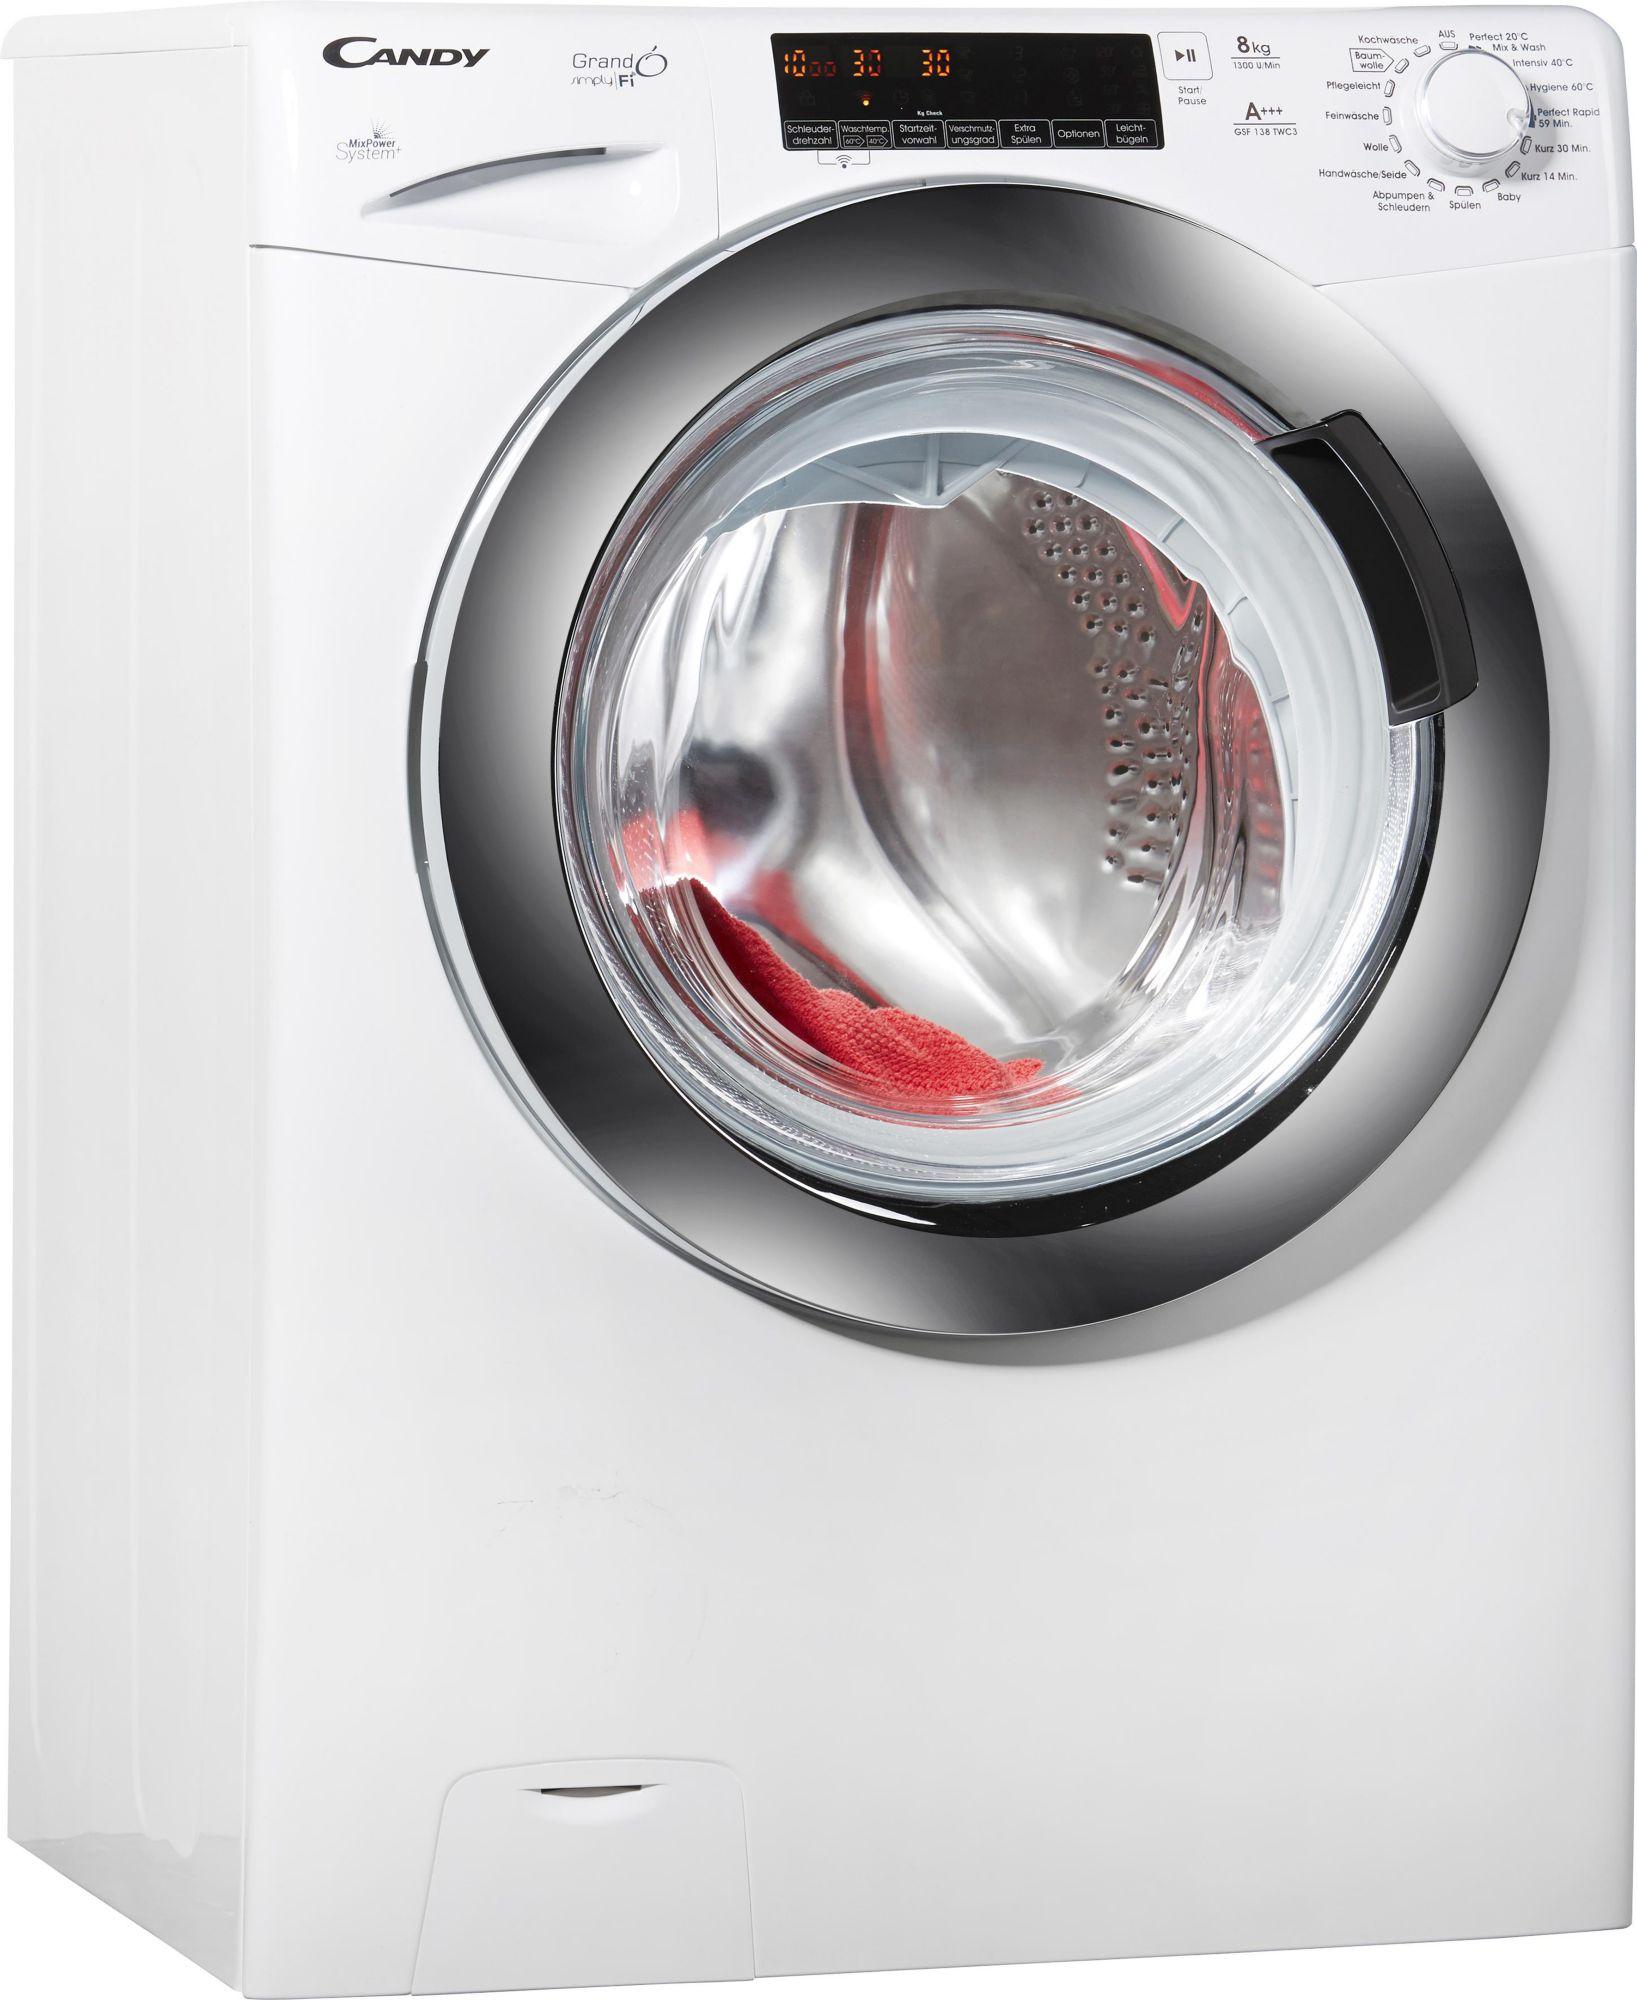 CANDY Candy Waschmaschine GSF 138TWC3, A+++, 8 kg, 1300 U/Min